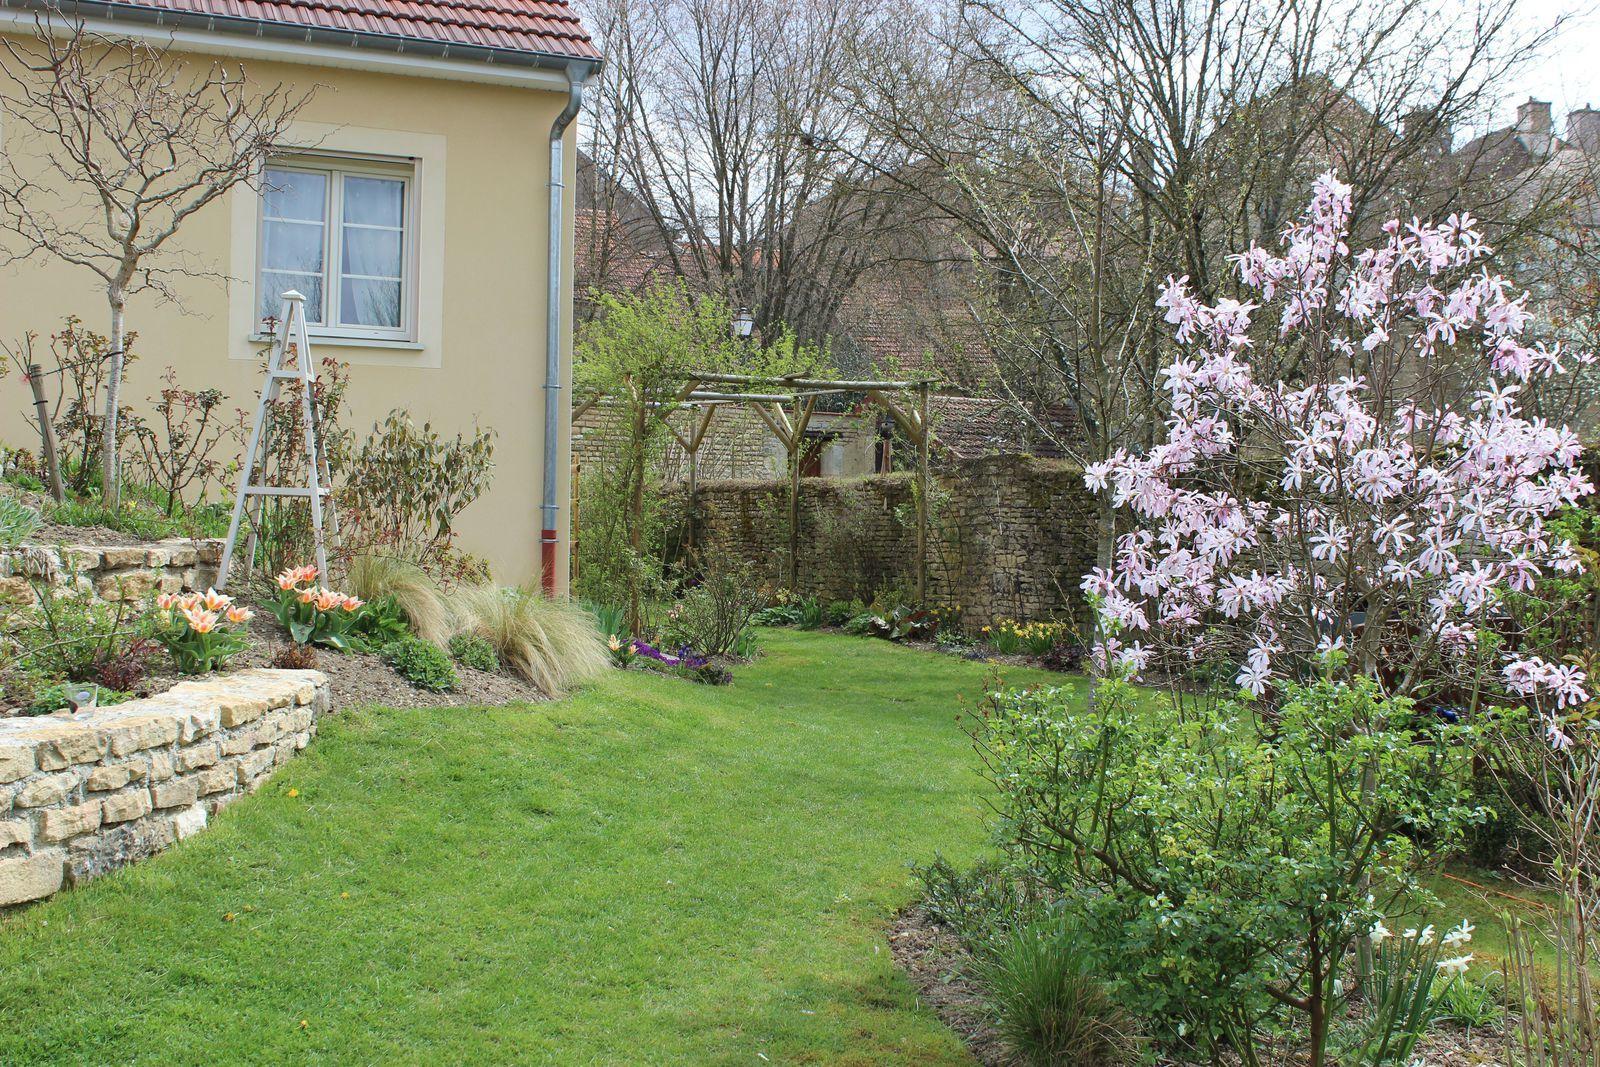 Le magnifique magnolia stellata rose. Je le préfère nettement à la version blanche.